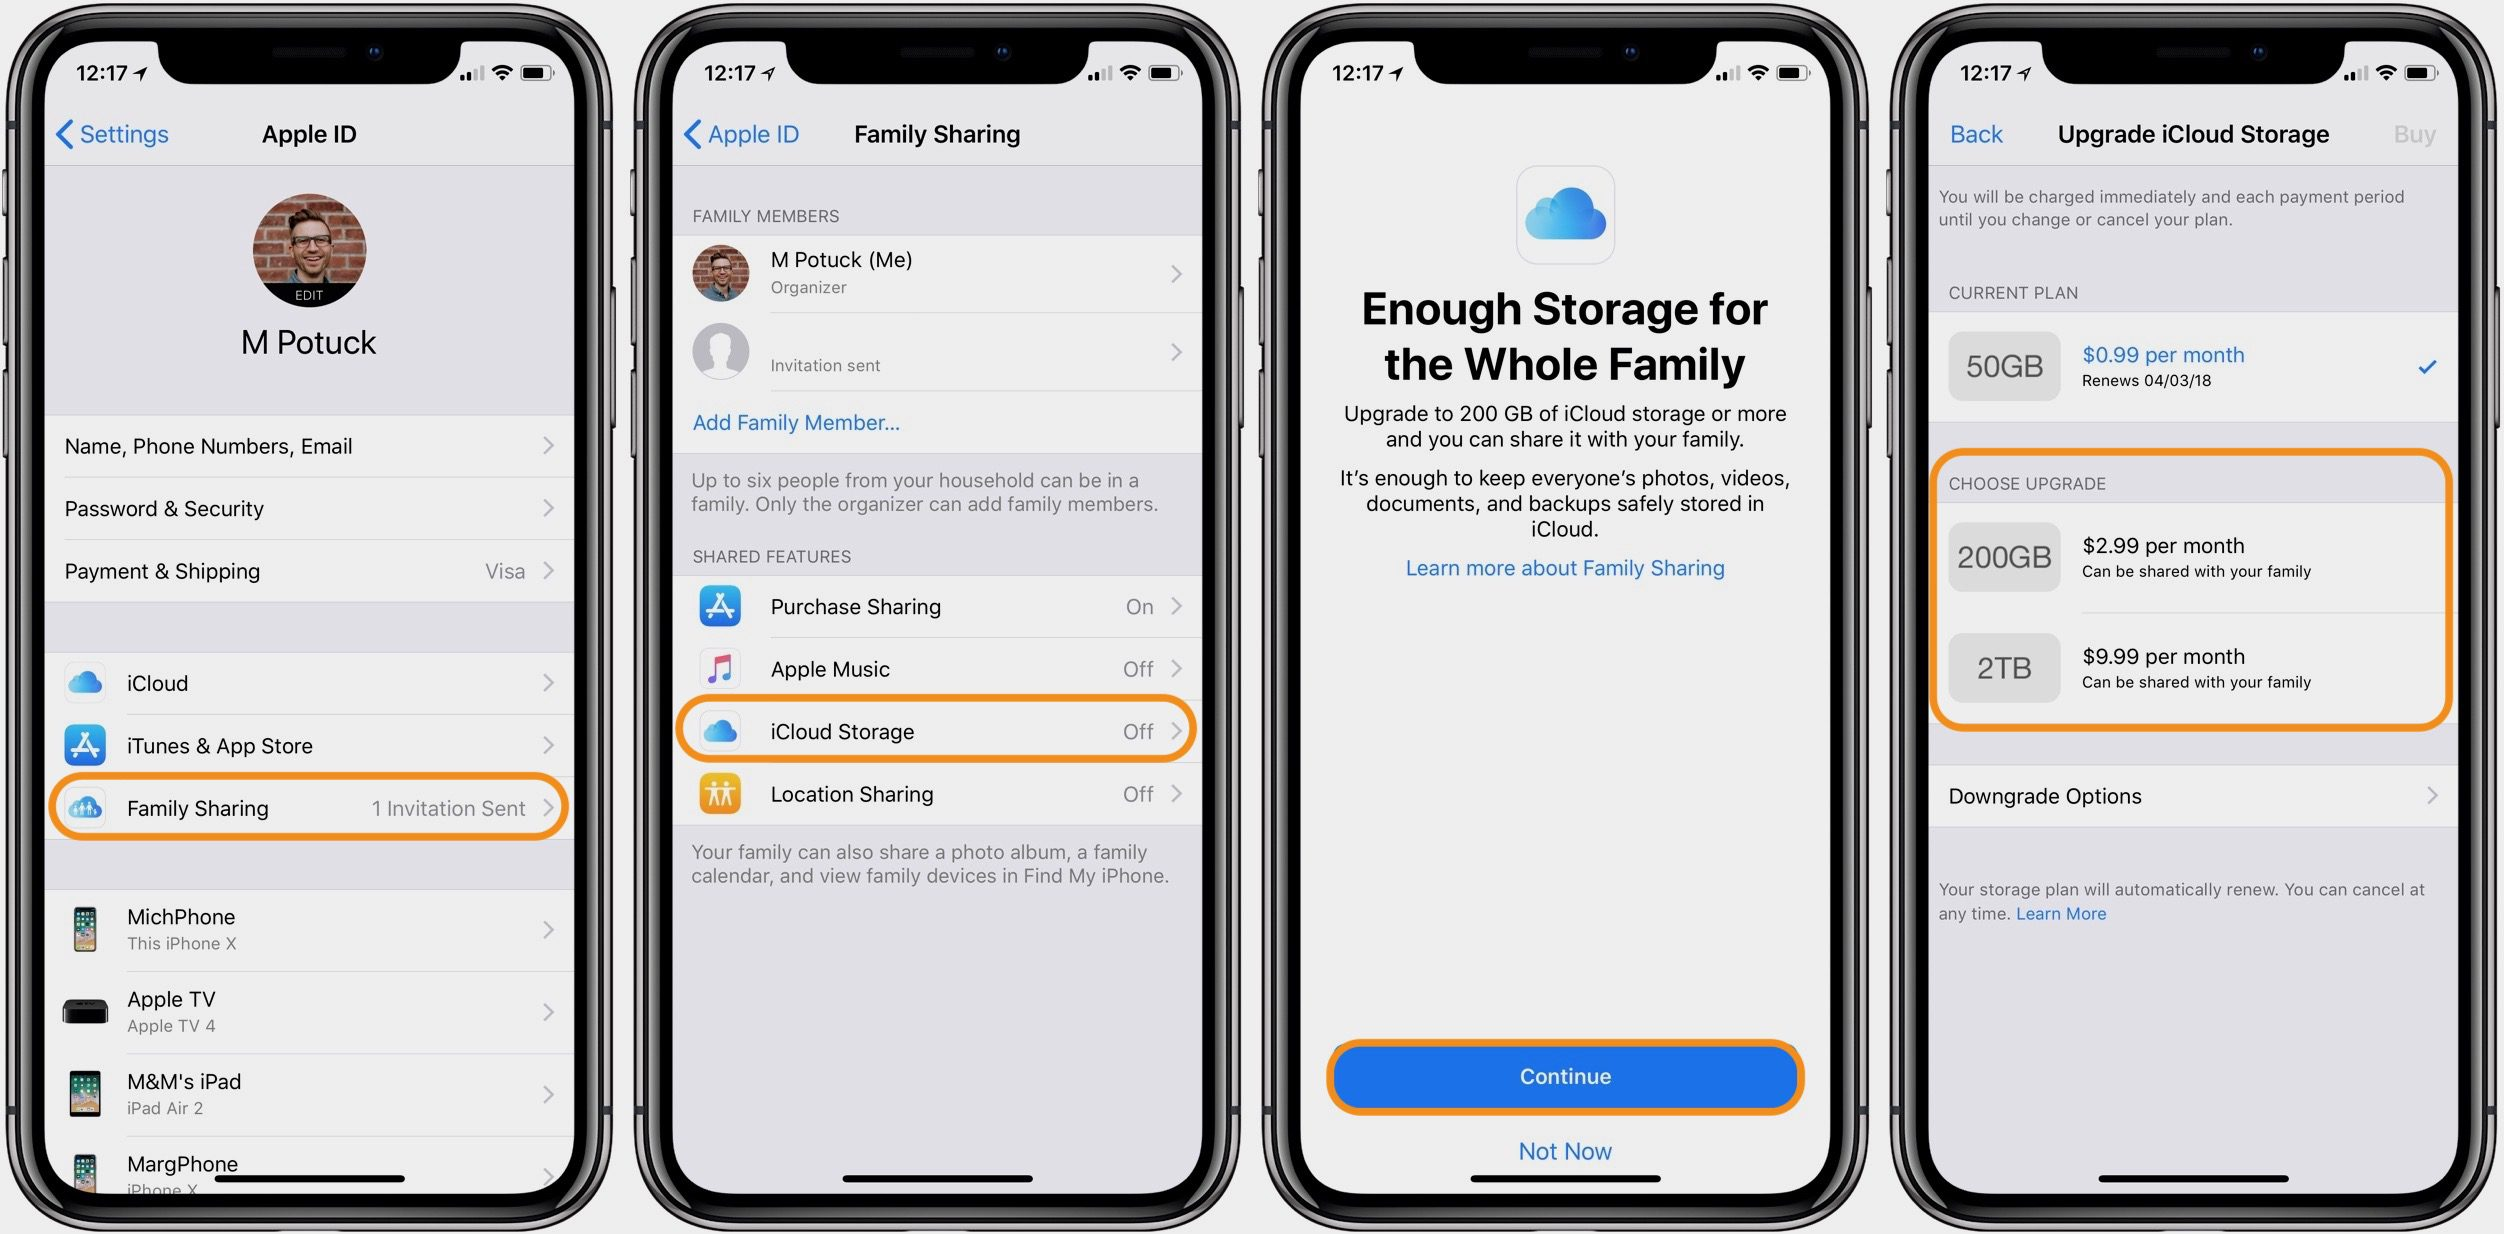 Tüm ailenizle bir iCloud Depolama planı nasıl paylaşılır